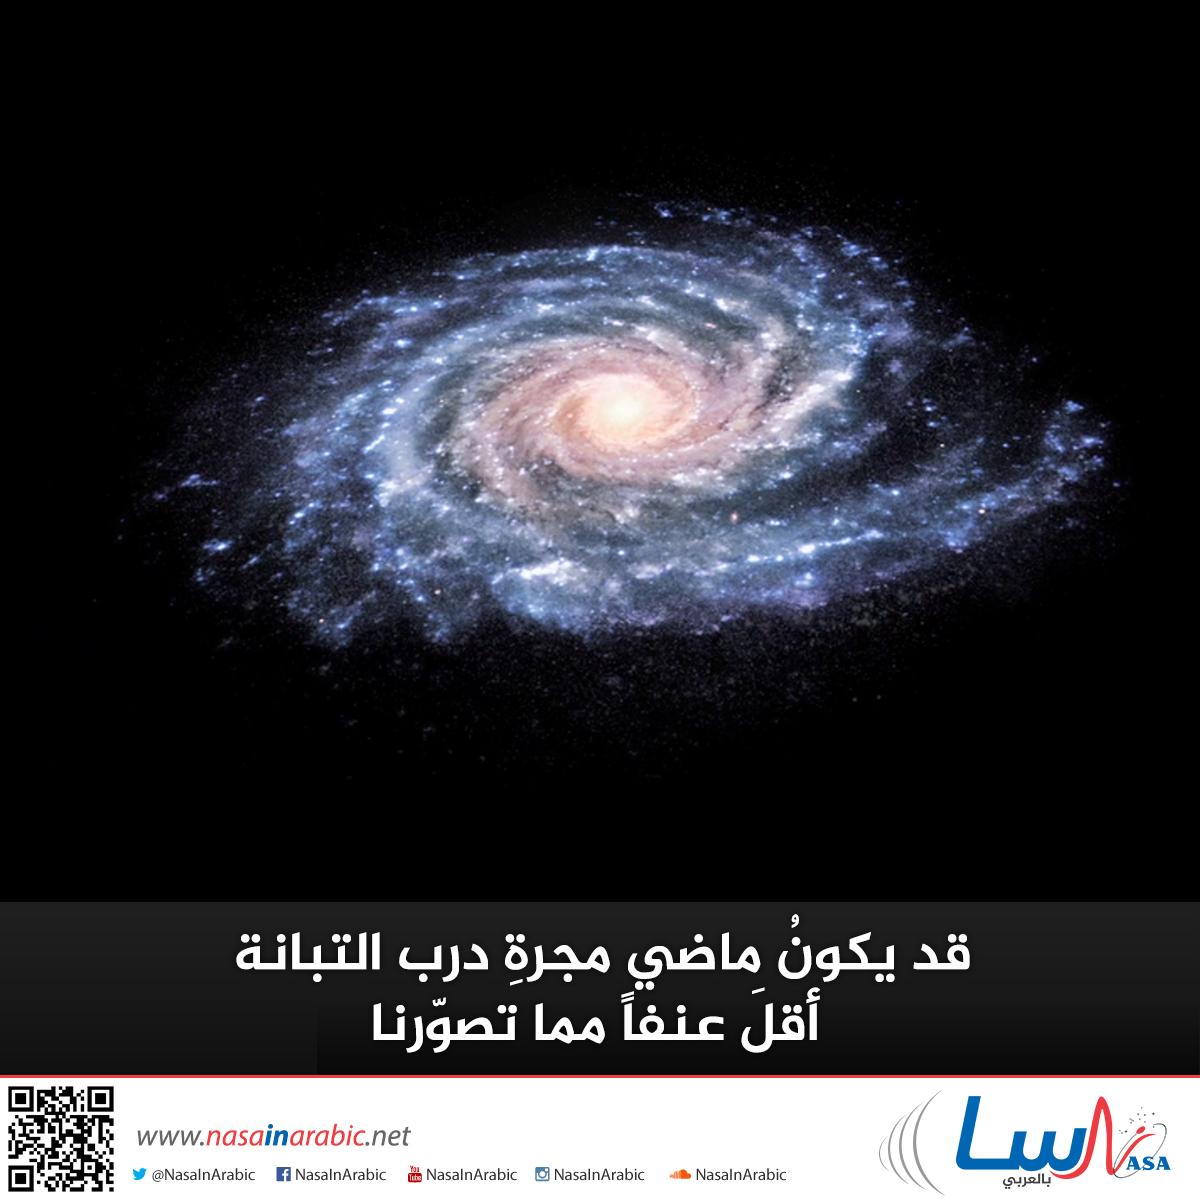 قد يكونُ ماضي مجرةِ درب التبانة أقلَ عنفاً مما تصوّرنا